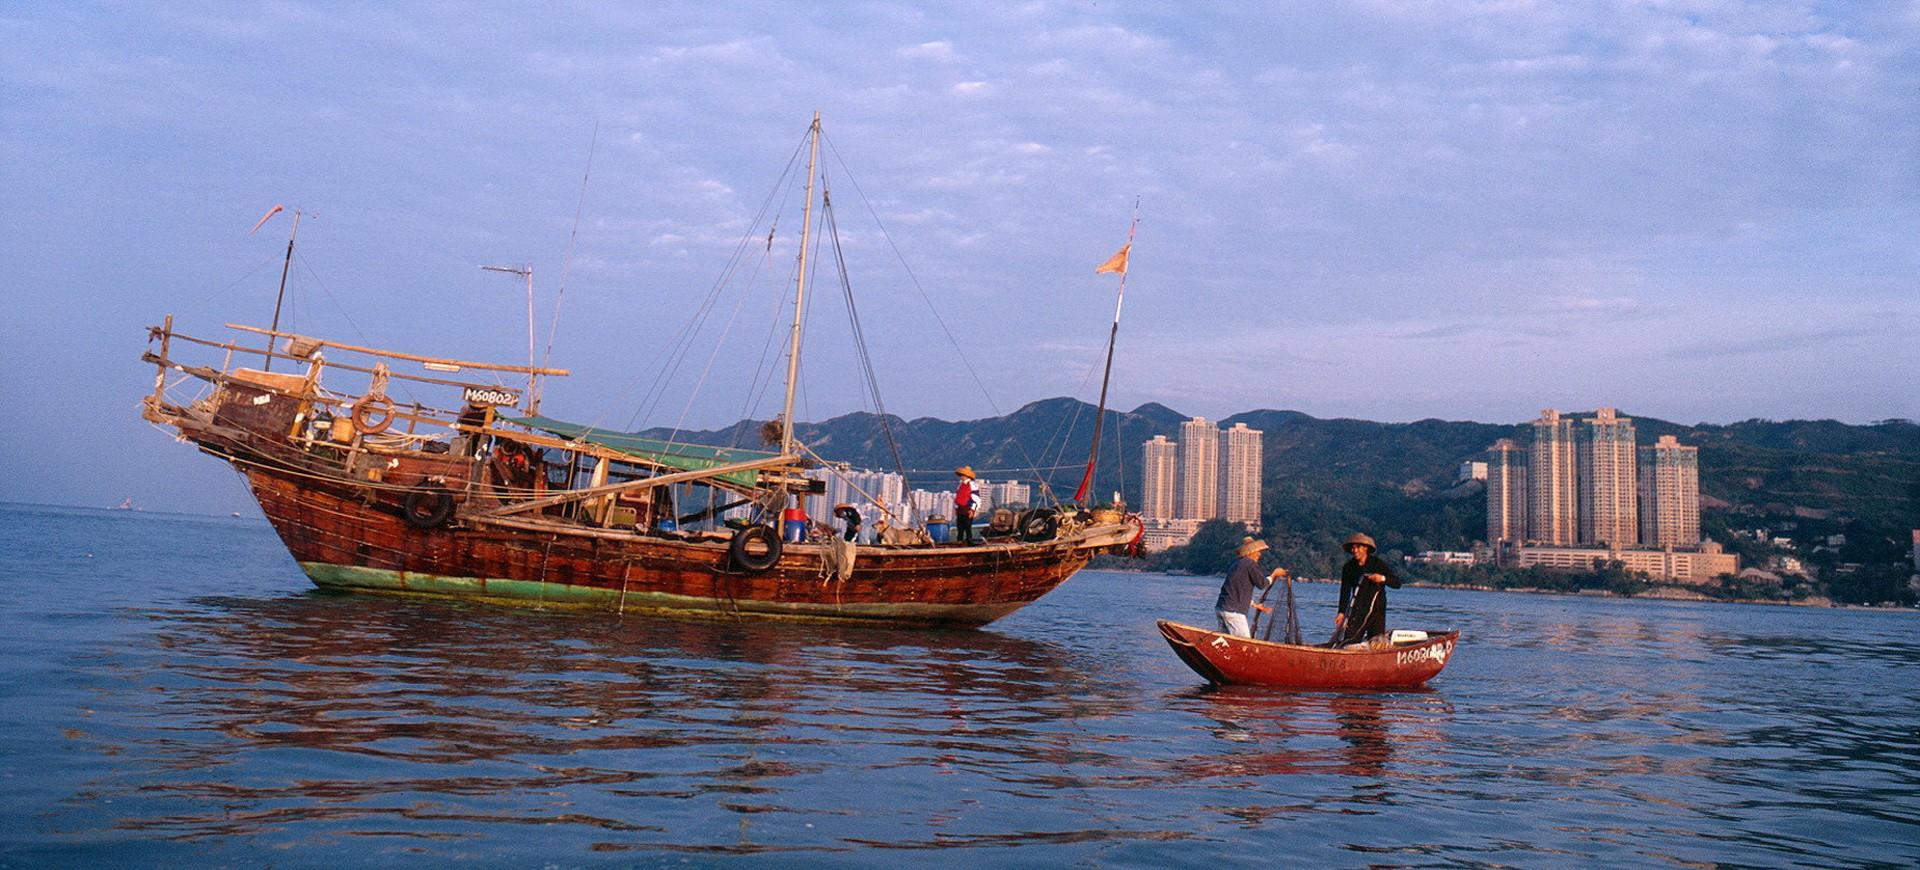 Hong Kong Bateau traditionnel de Pêche